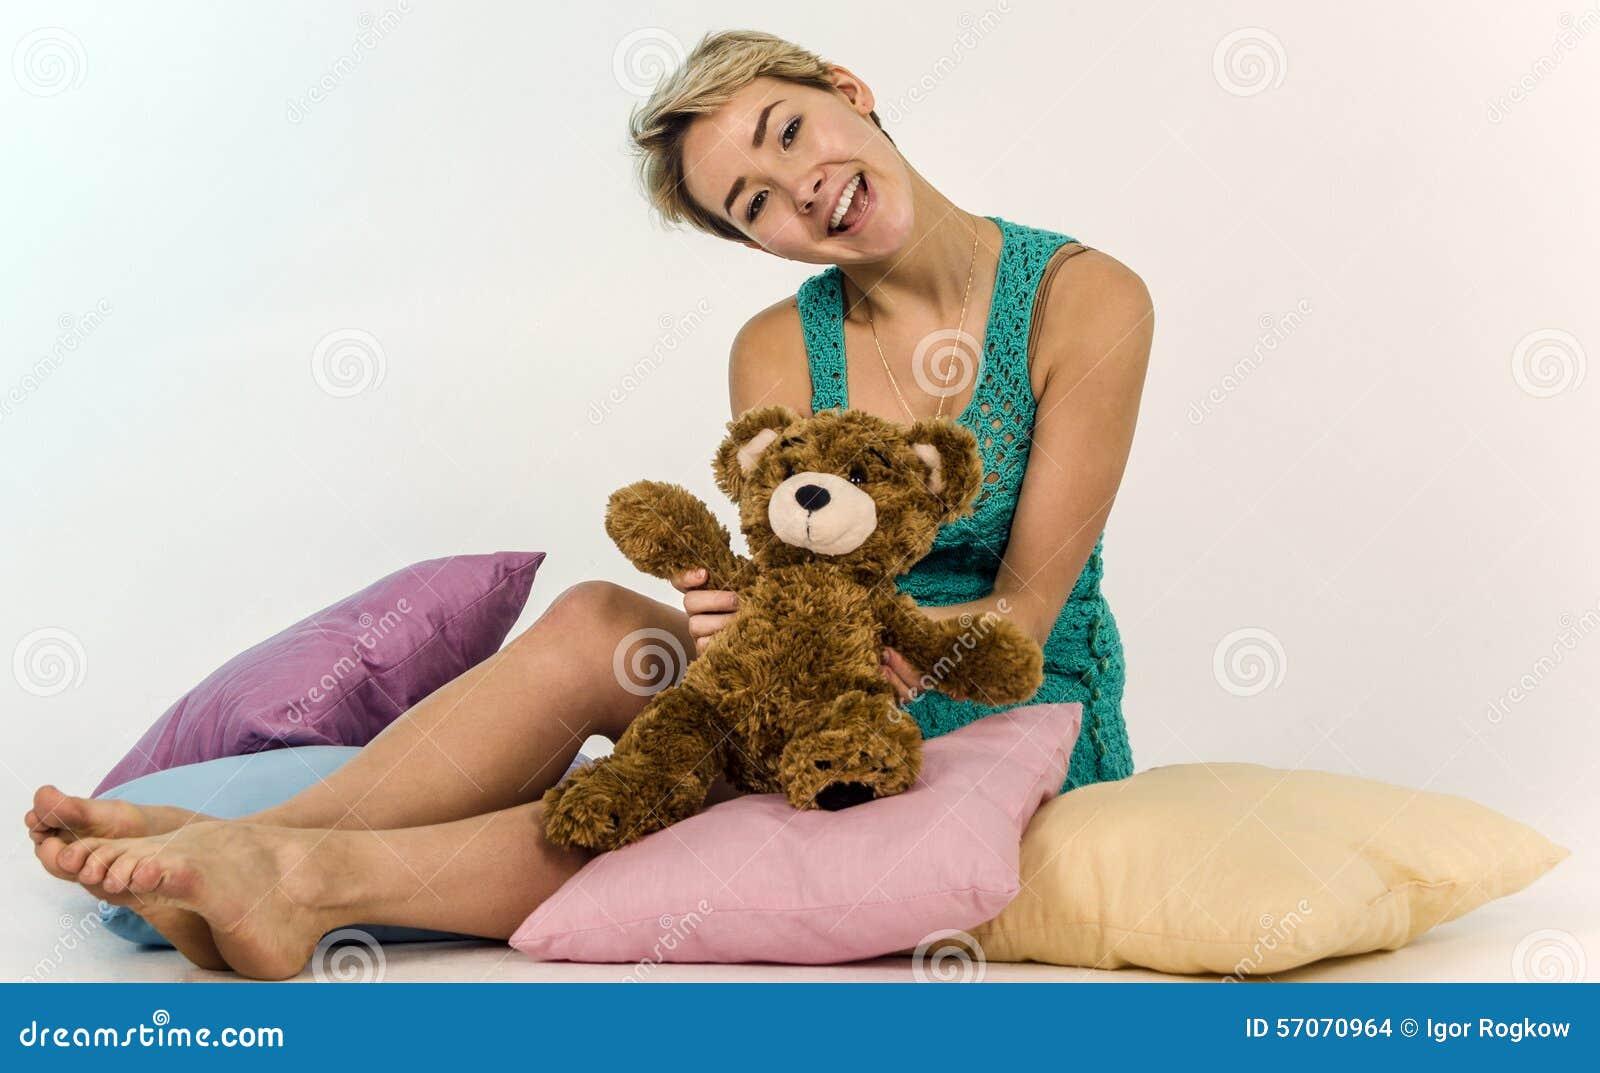 Jong meisje op een bed met een teddybeer